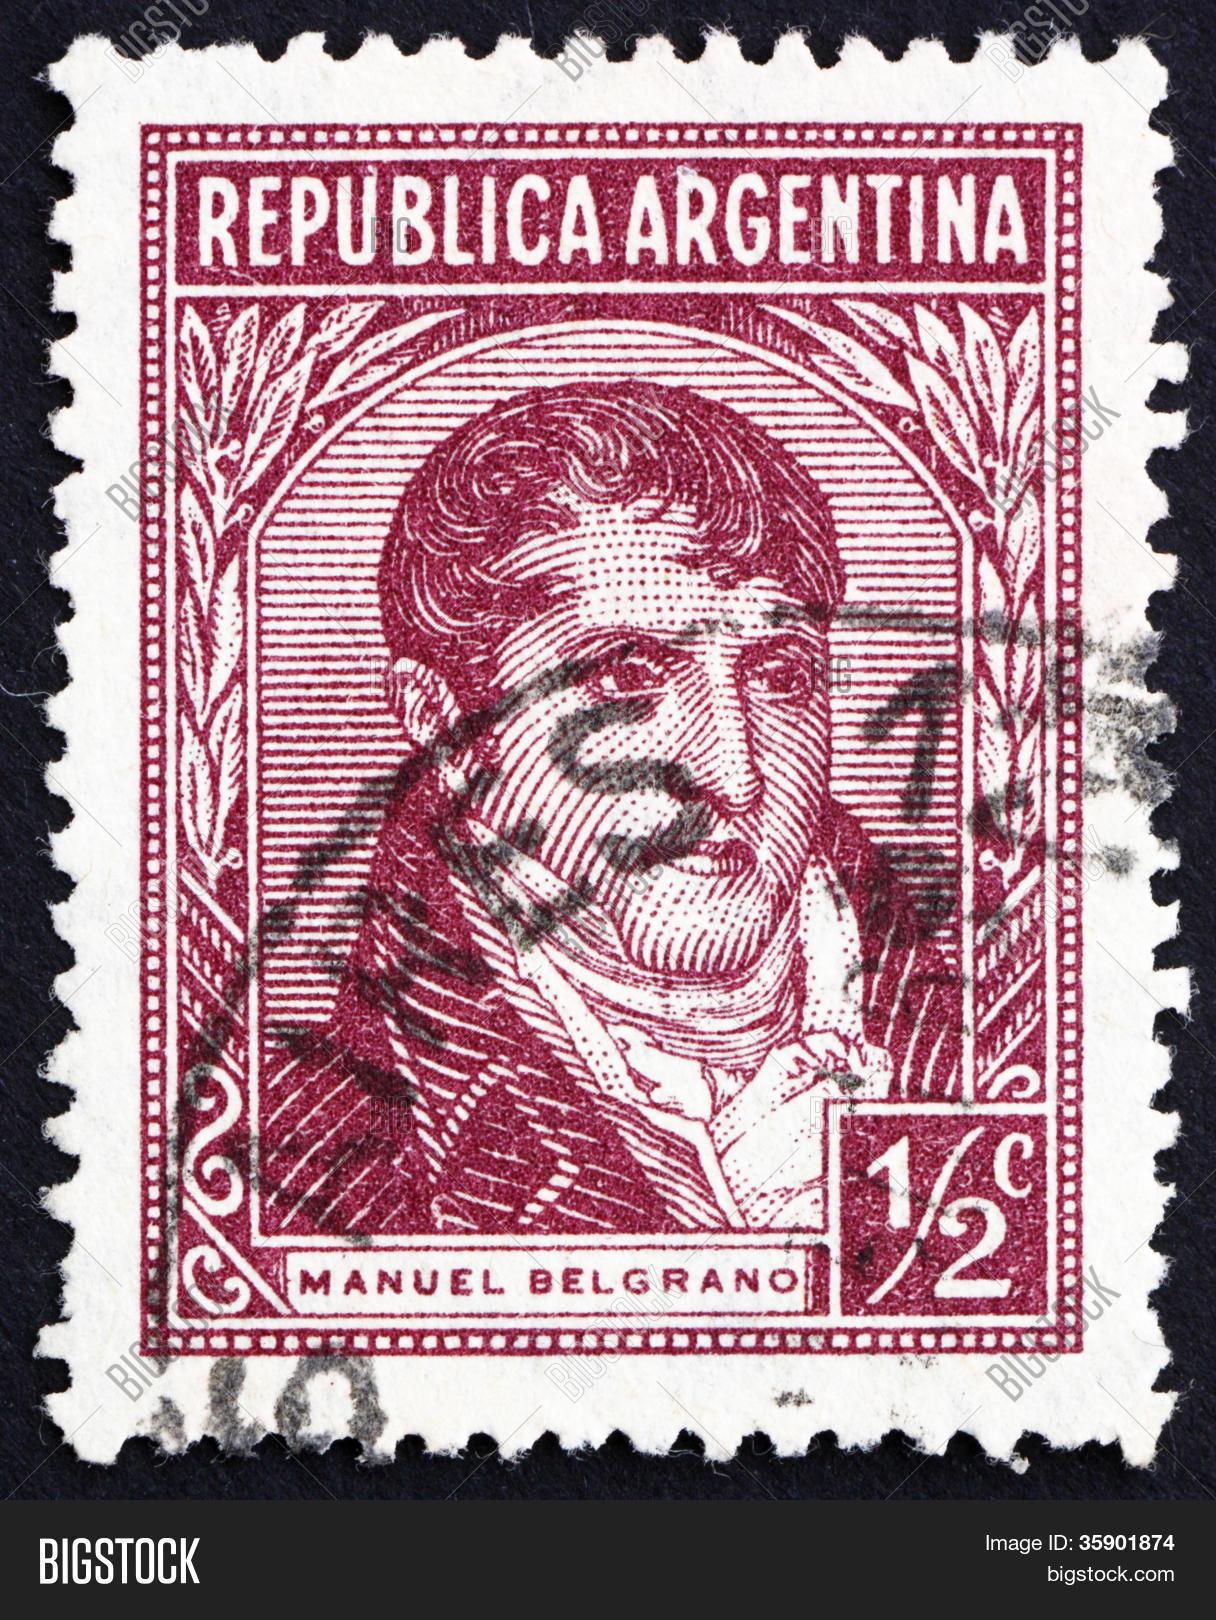 Image et photo de timbre poste argentine 1935 bigstock - Abonnement the economist tarif etudiant ...